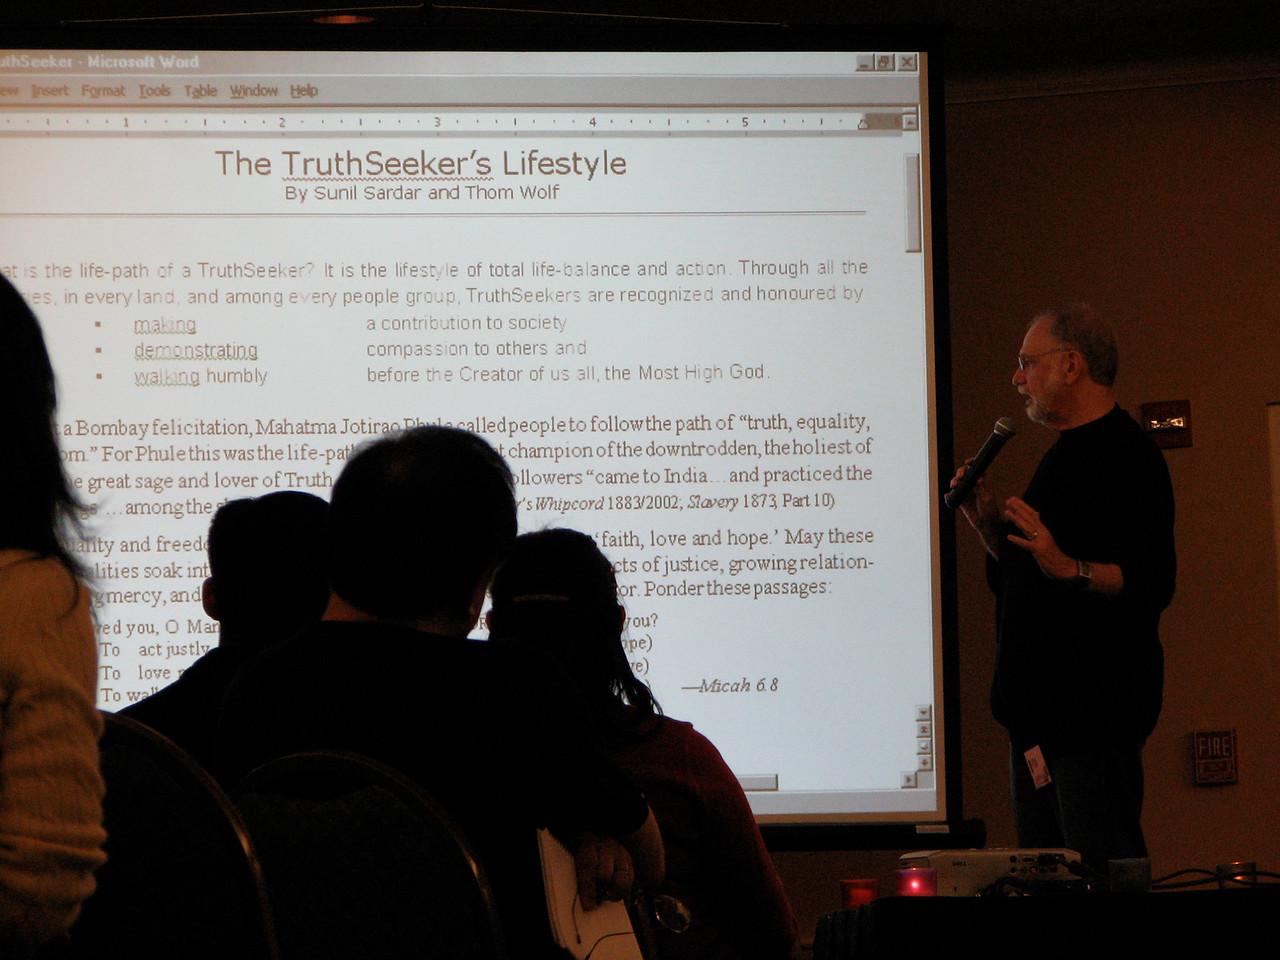 2007 02 17 Sat - Dr  Thom Wolf speaking 5